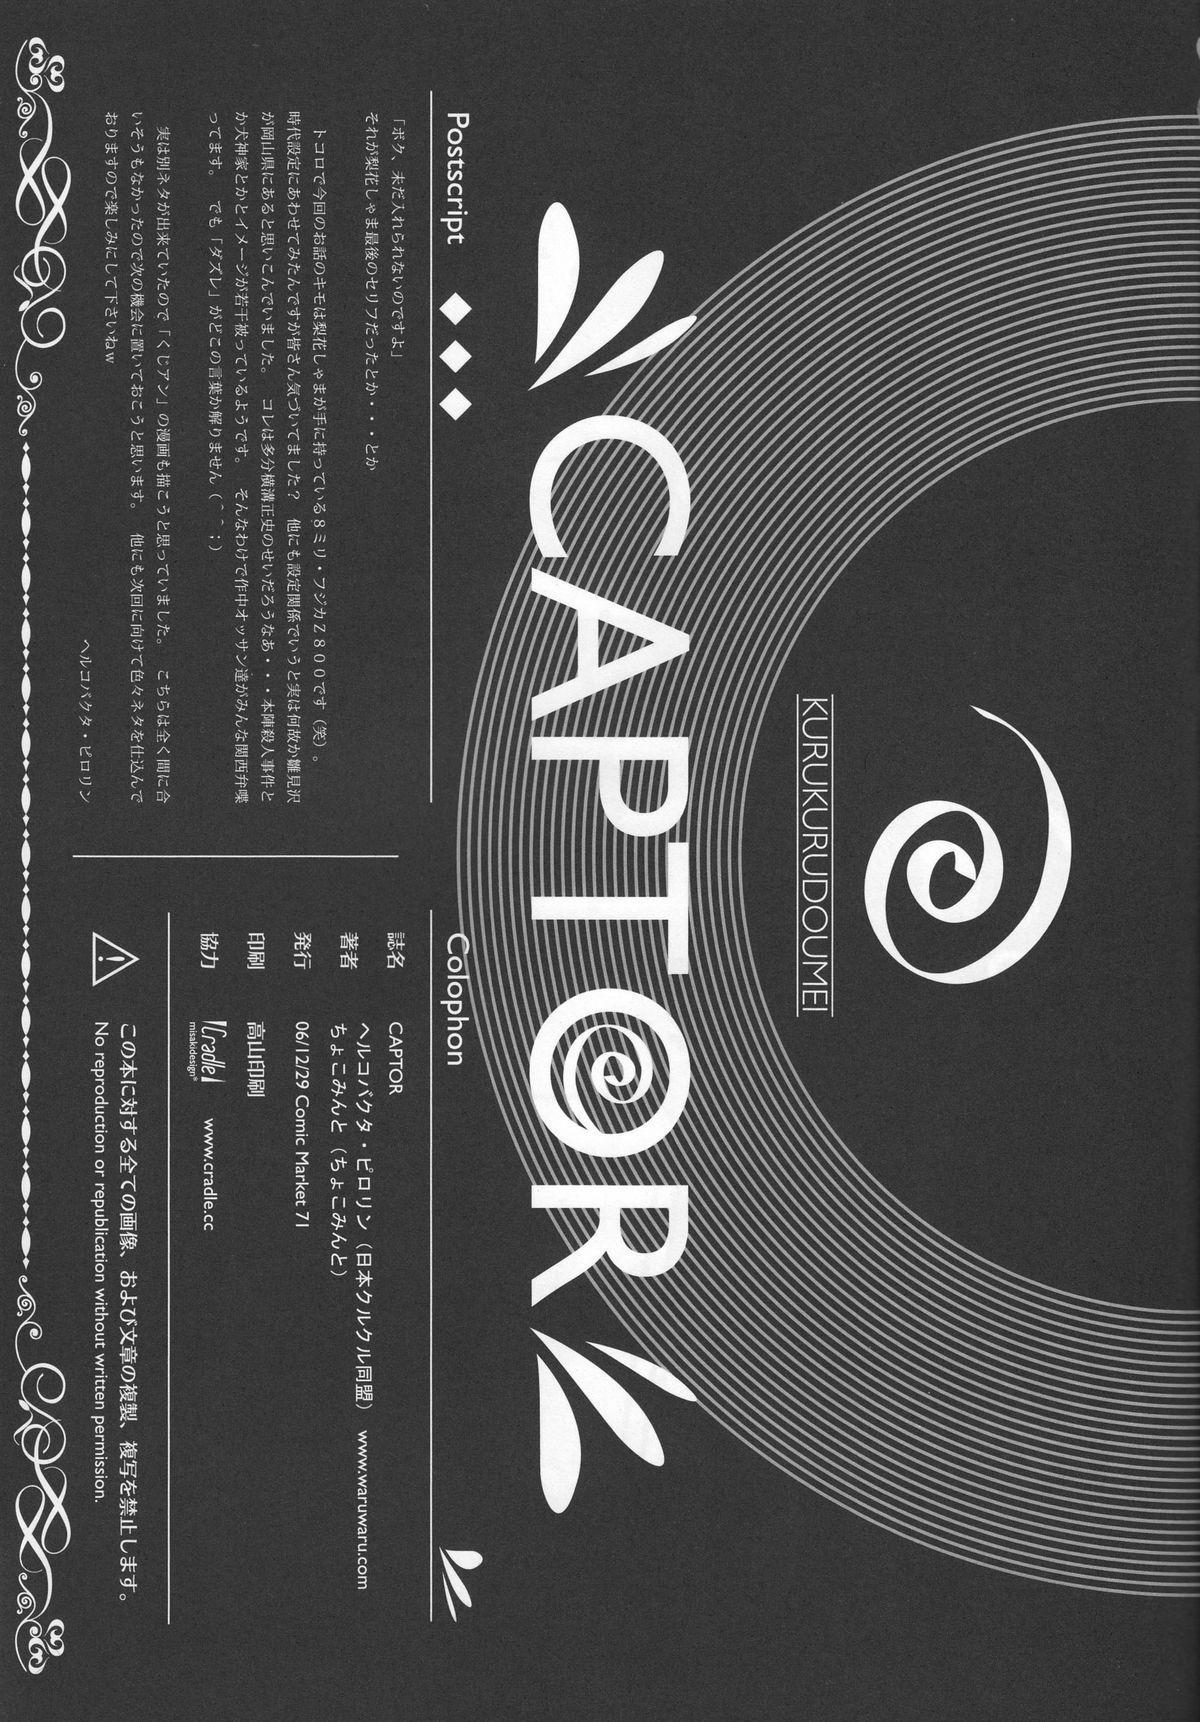 CAPTOR 30